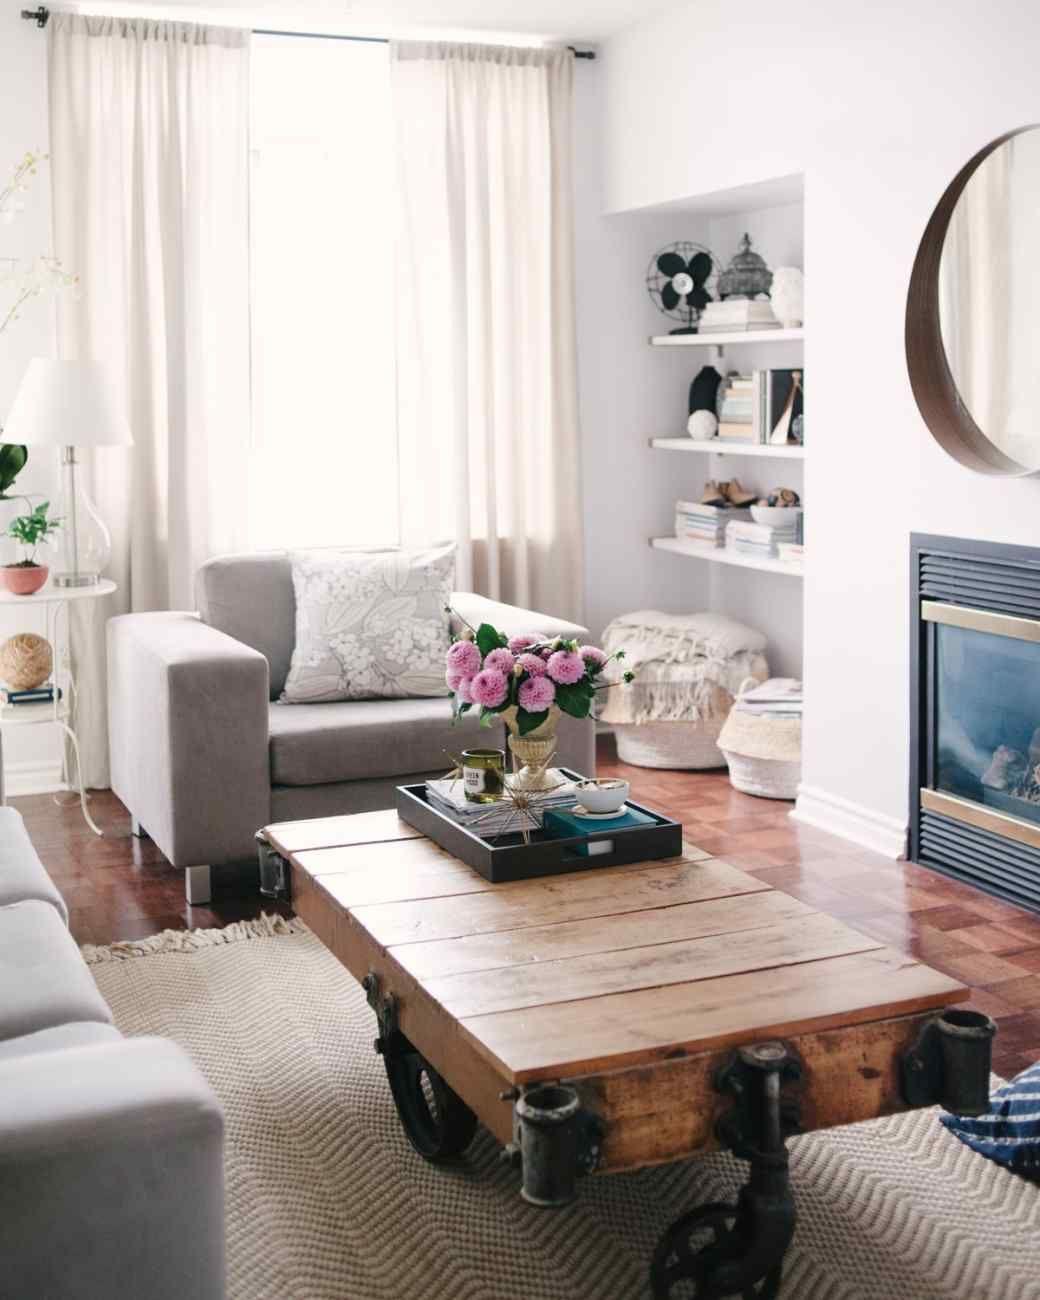 Interior Design Aesthetic: Design Lessons In Cohabitation: An Interior Designer's